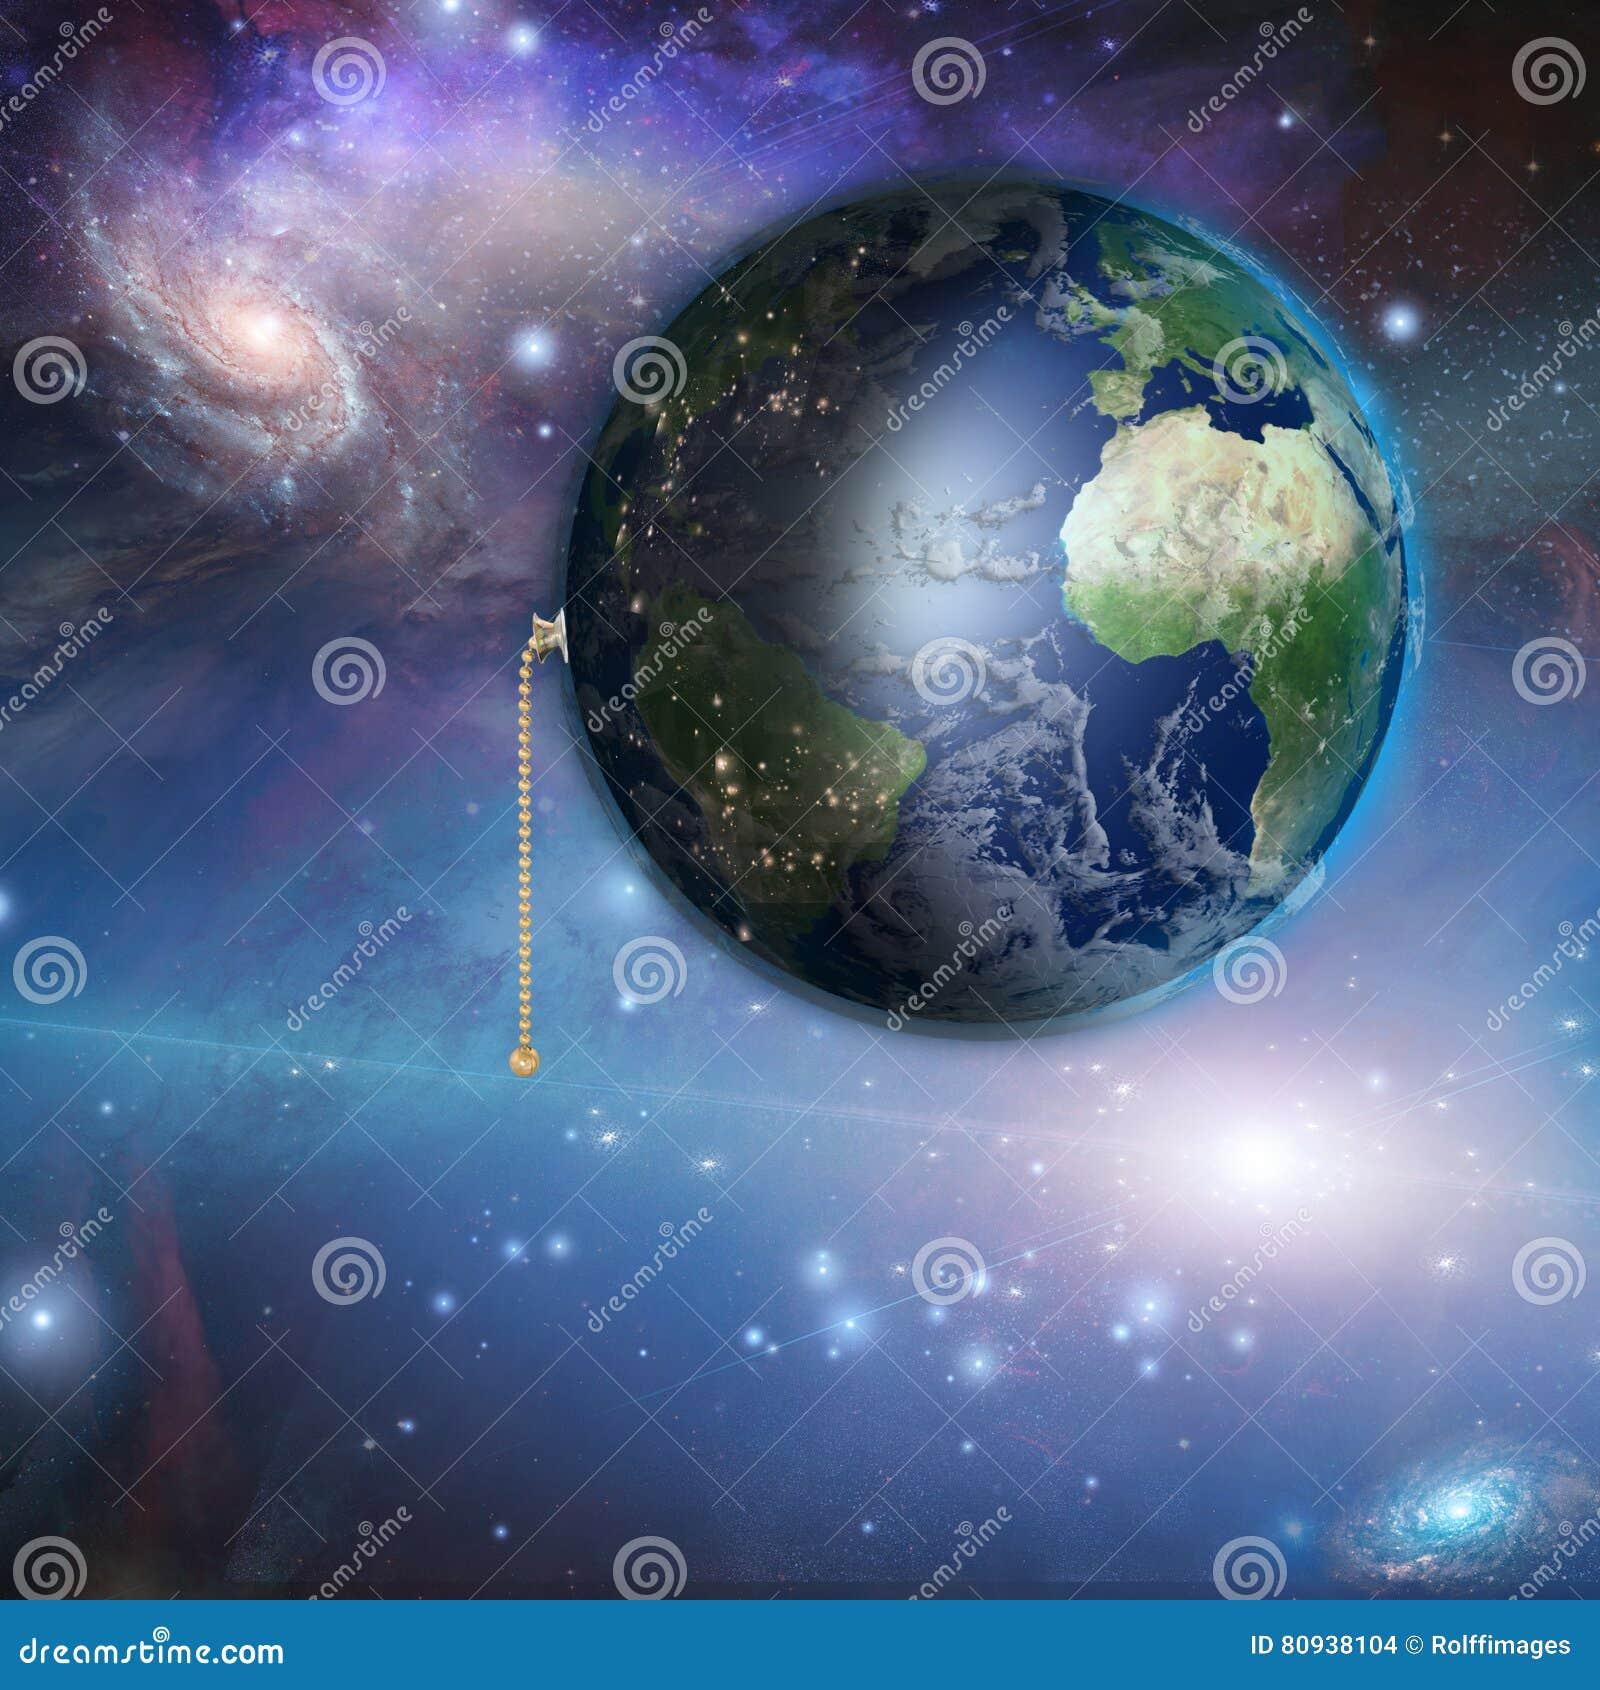 Erde Mit Nacht Und Tageszug Schalter Stock Abbildung Illustration